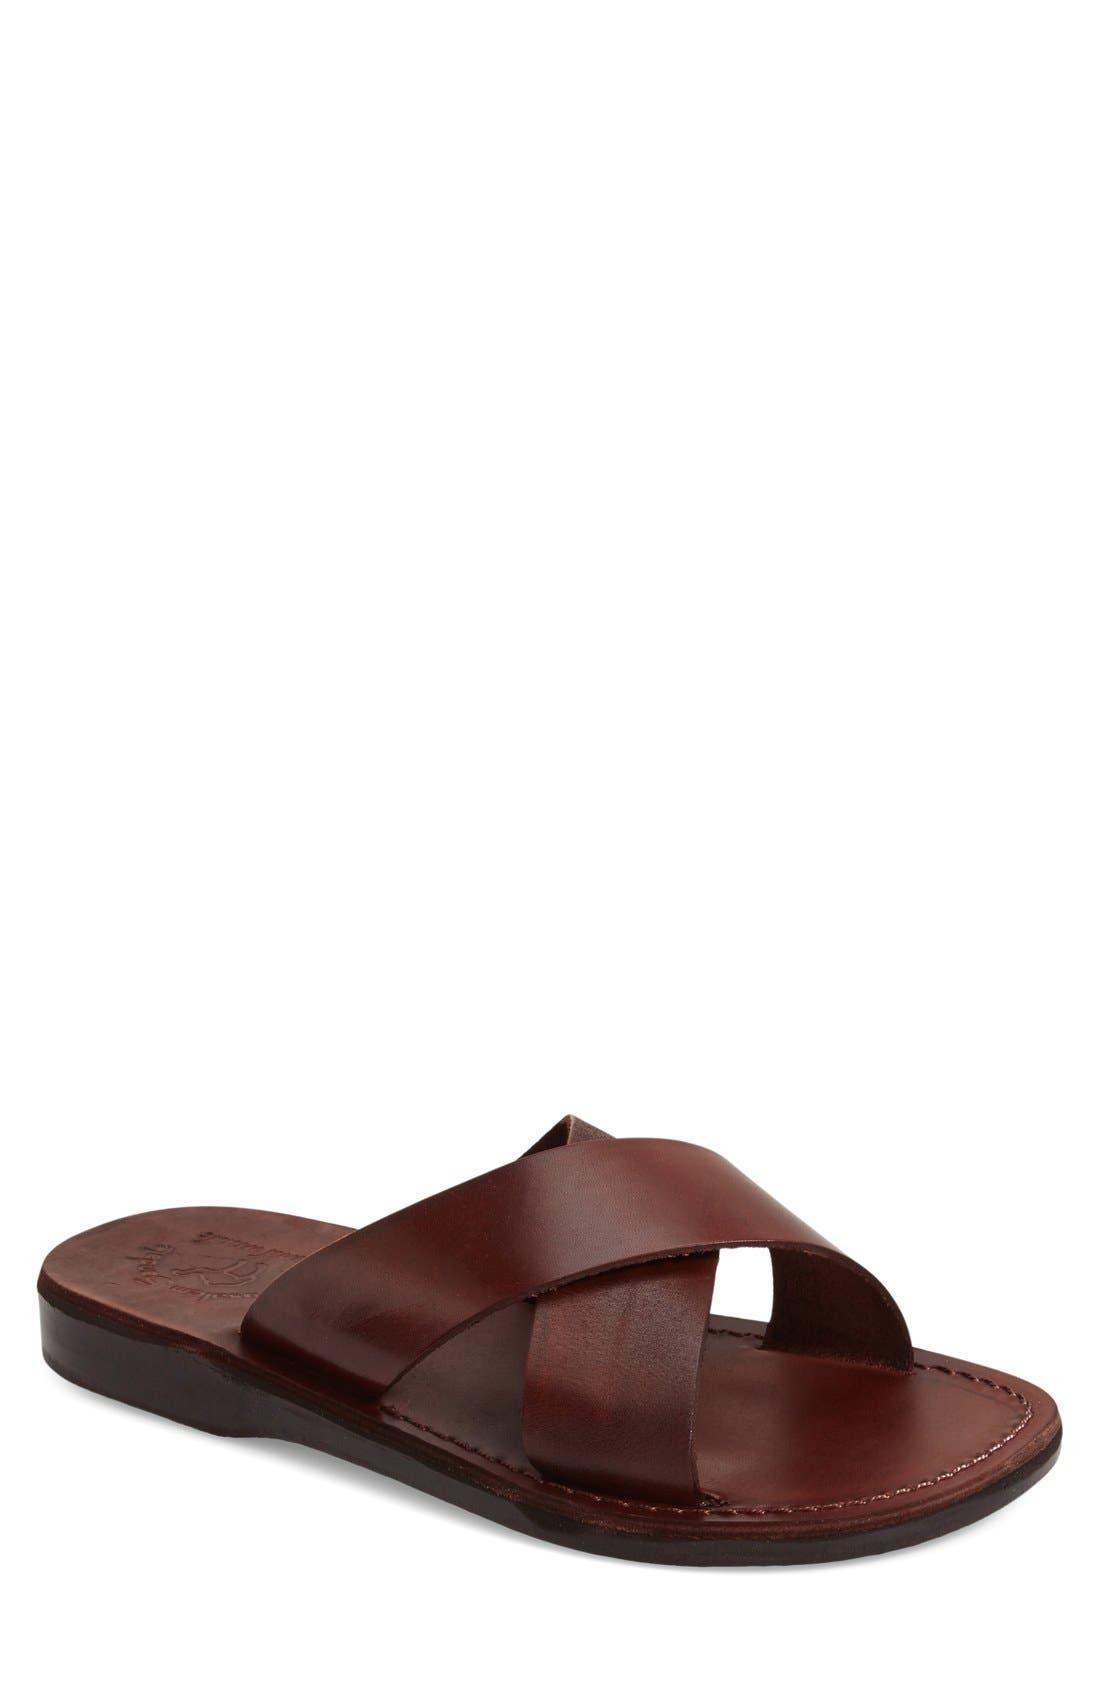 'Elan' Slide Sandal,                         Main,                         color, Brown Leather